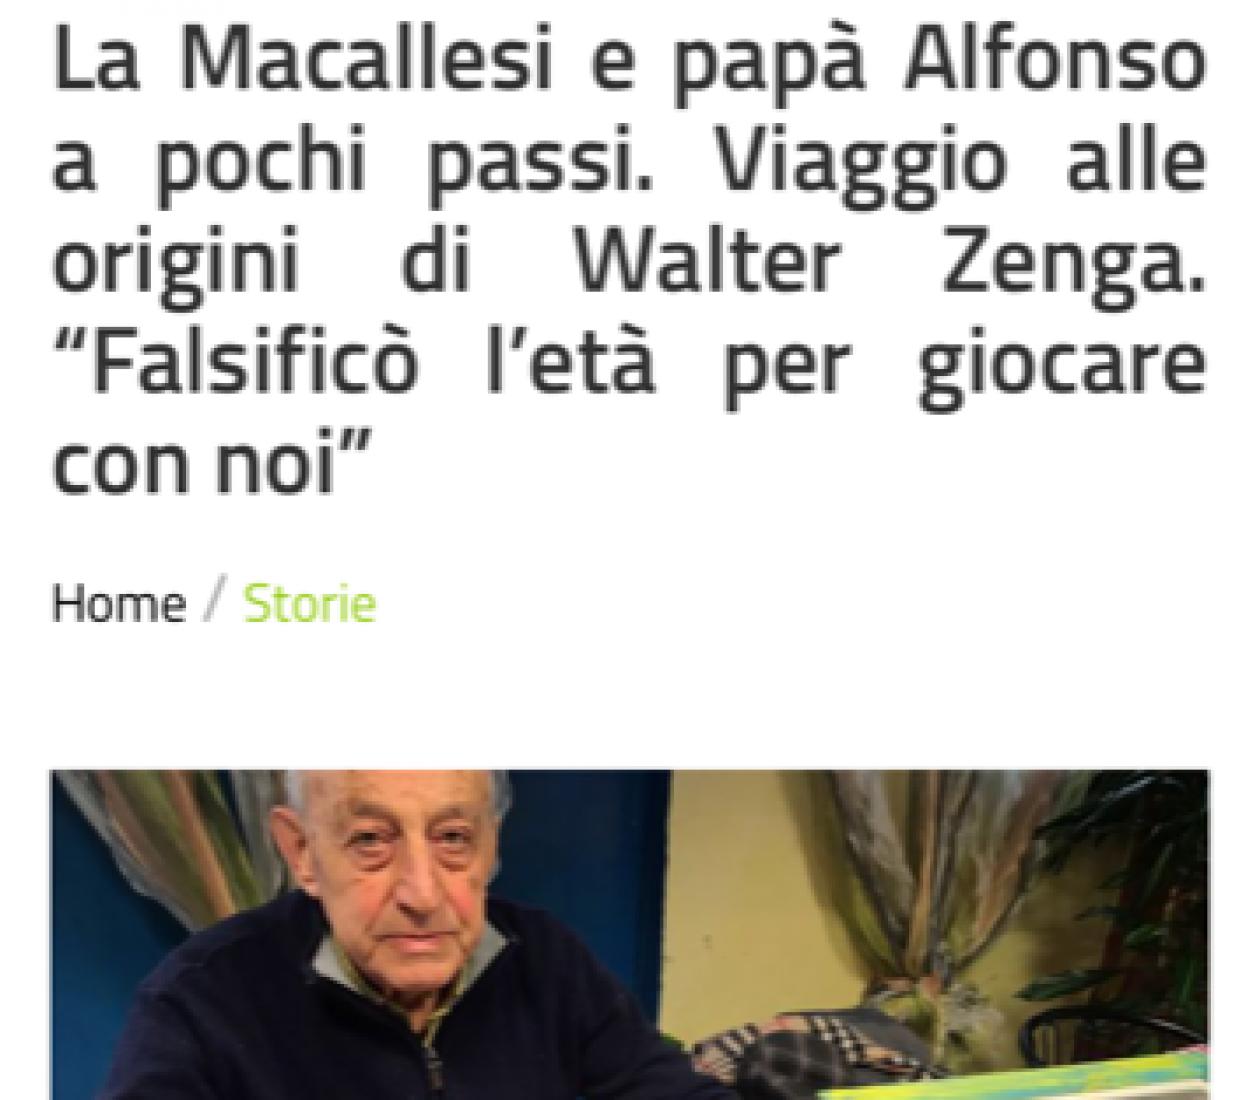 Gianluca Di Marzio dà voce alla Macallesi!